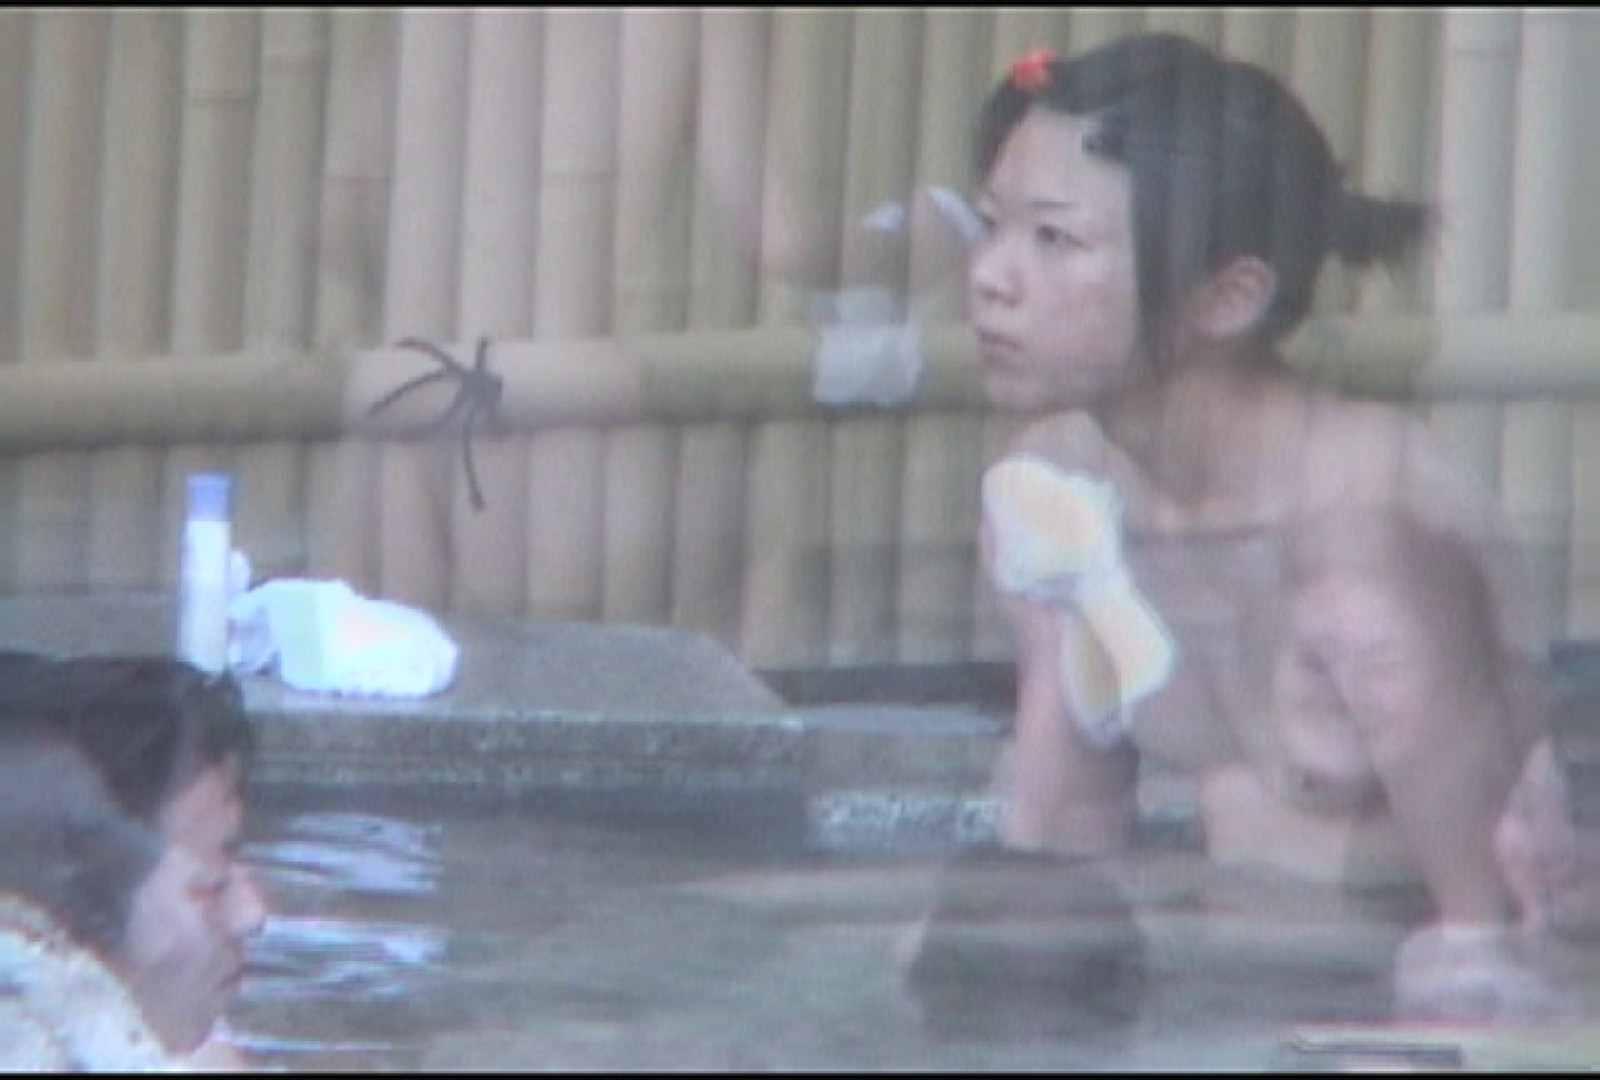 Aquaな露天風呂Vol.175 盗撮 オメコ動画キャプチャ 99枚 26